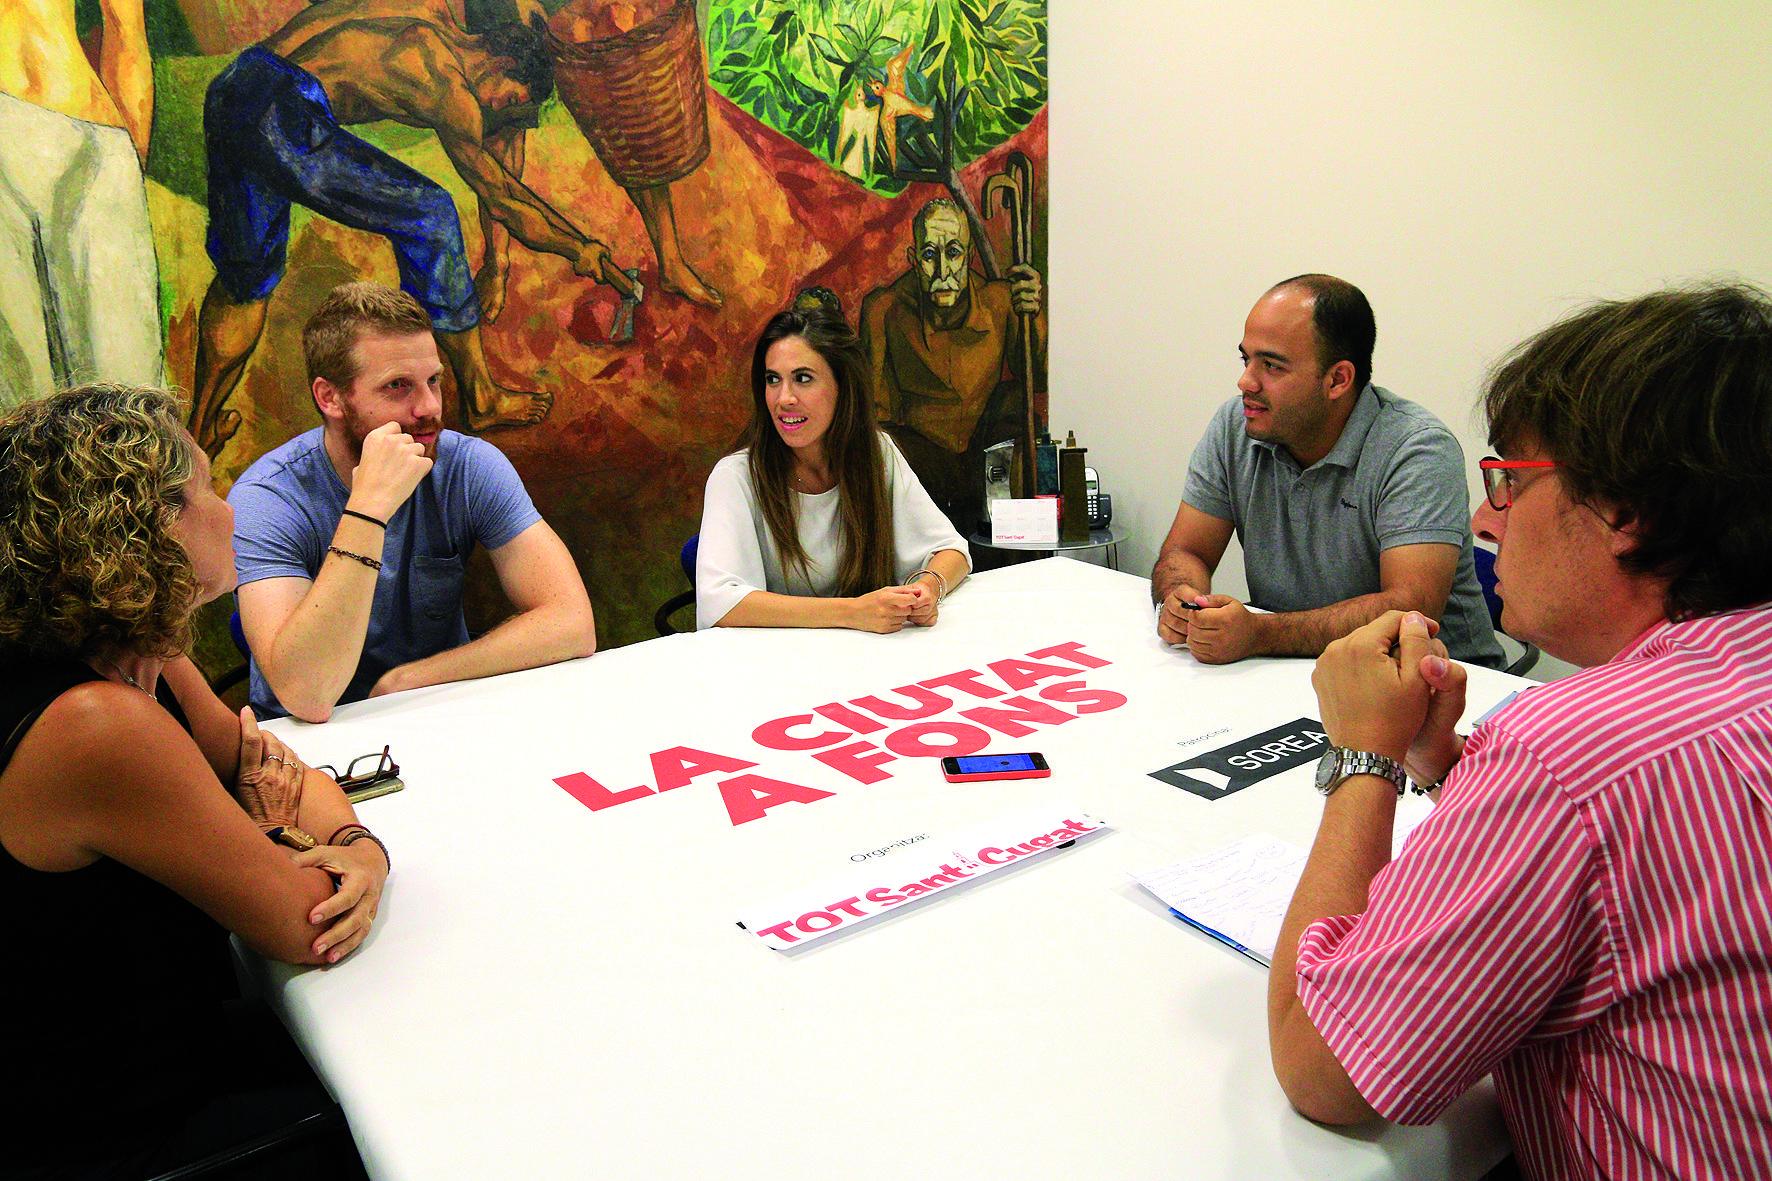 D'esquerra a dreta, Concepció Curet, Sergi Figueres, María Gilabert i Manu Navas. FOTO: Lali Álvarez